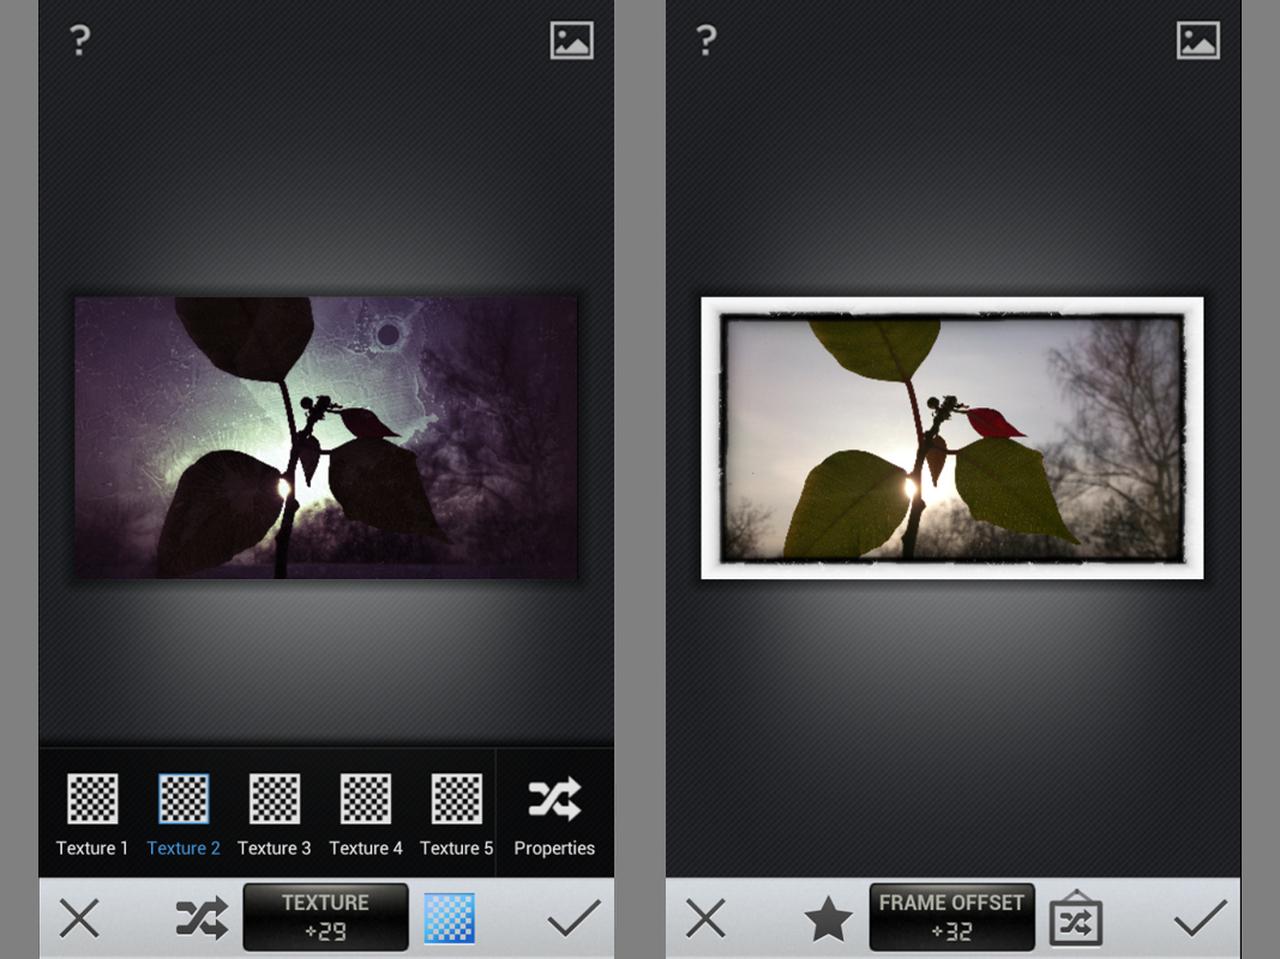 Программа Для Фотографирования Визиток Android